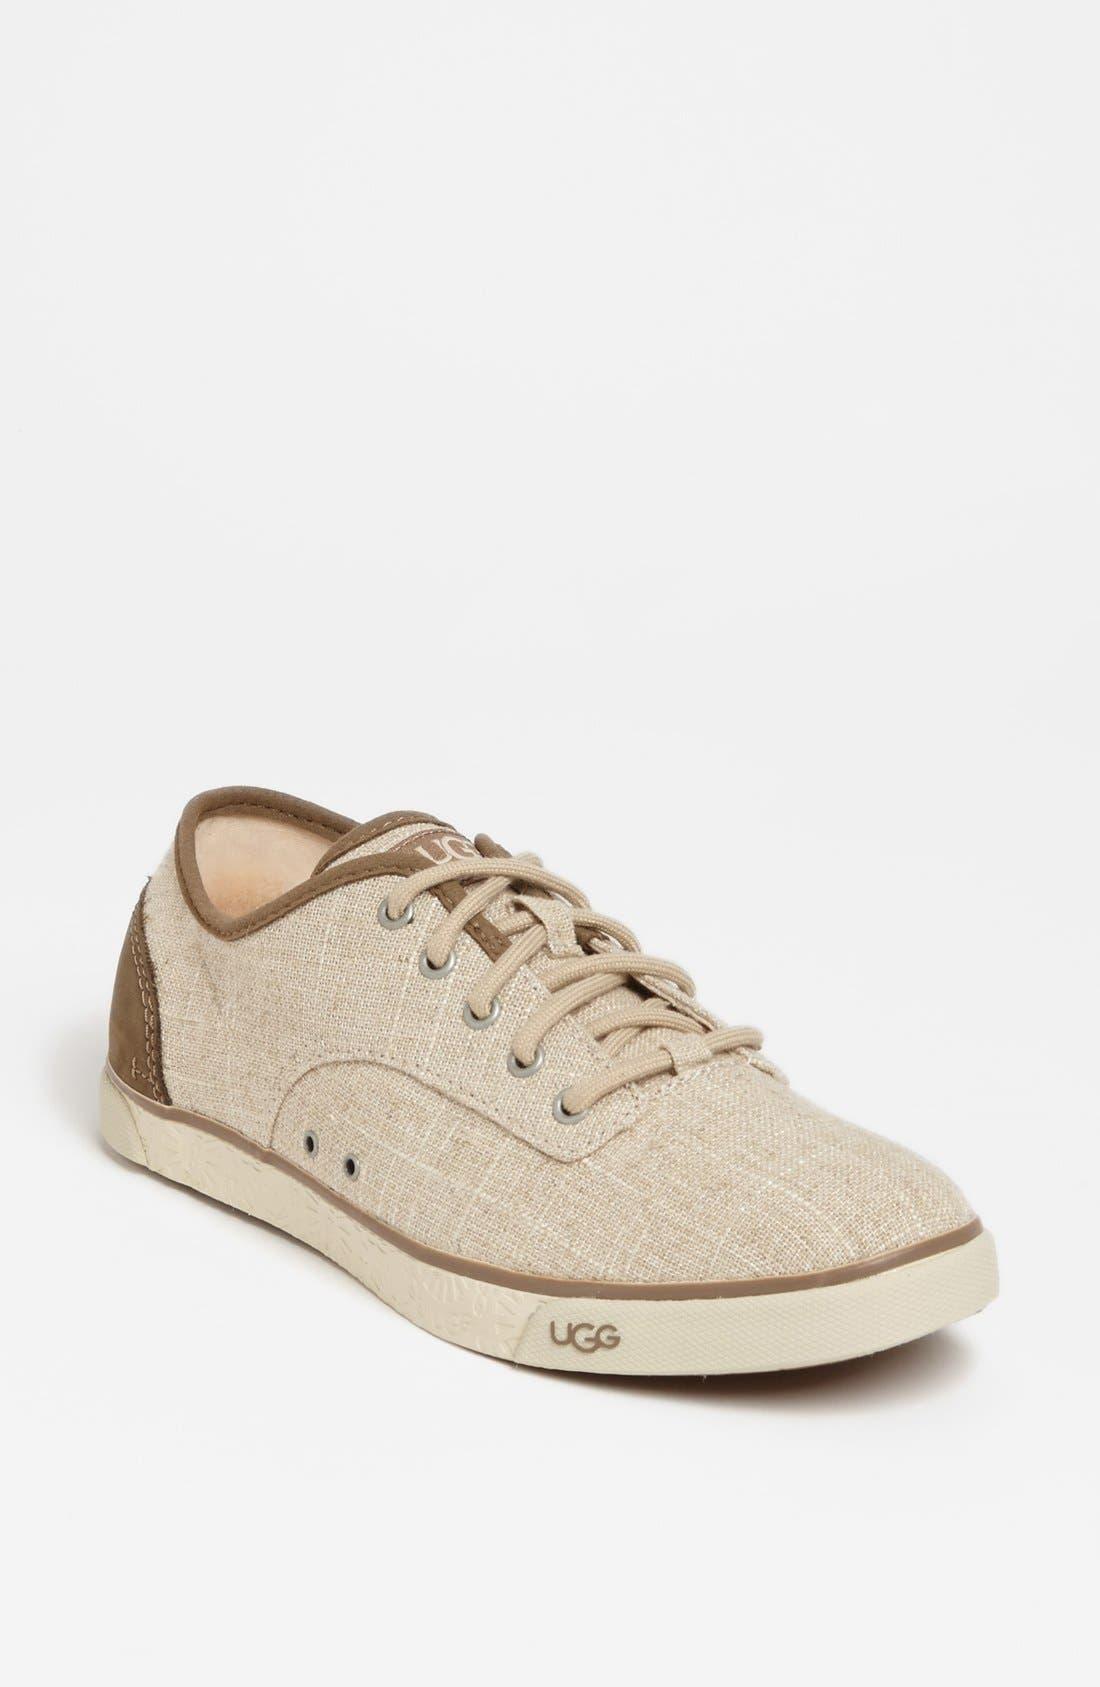 Alternate Image 1 Selected - UGG® Australia 'Hally' Sneaker (Women)